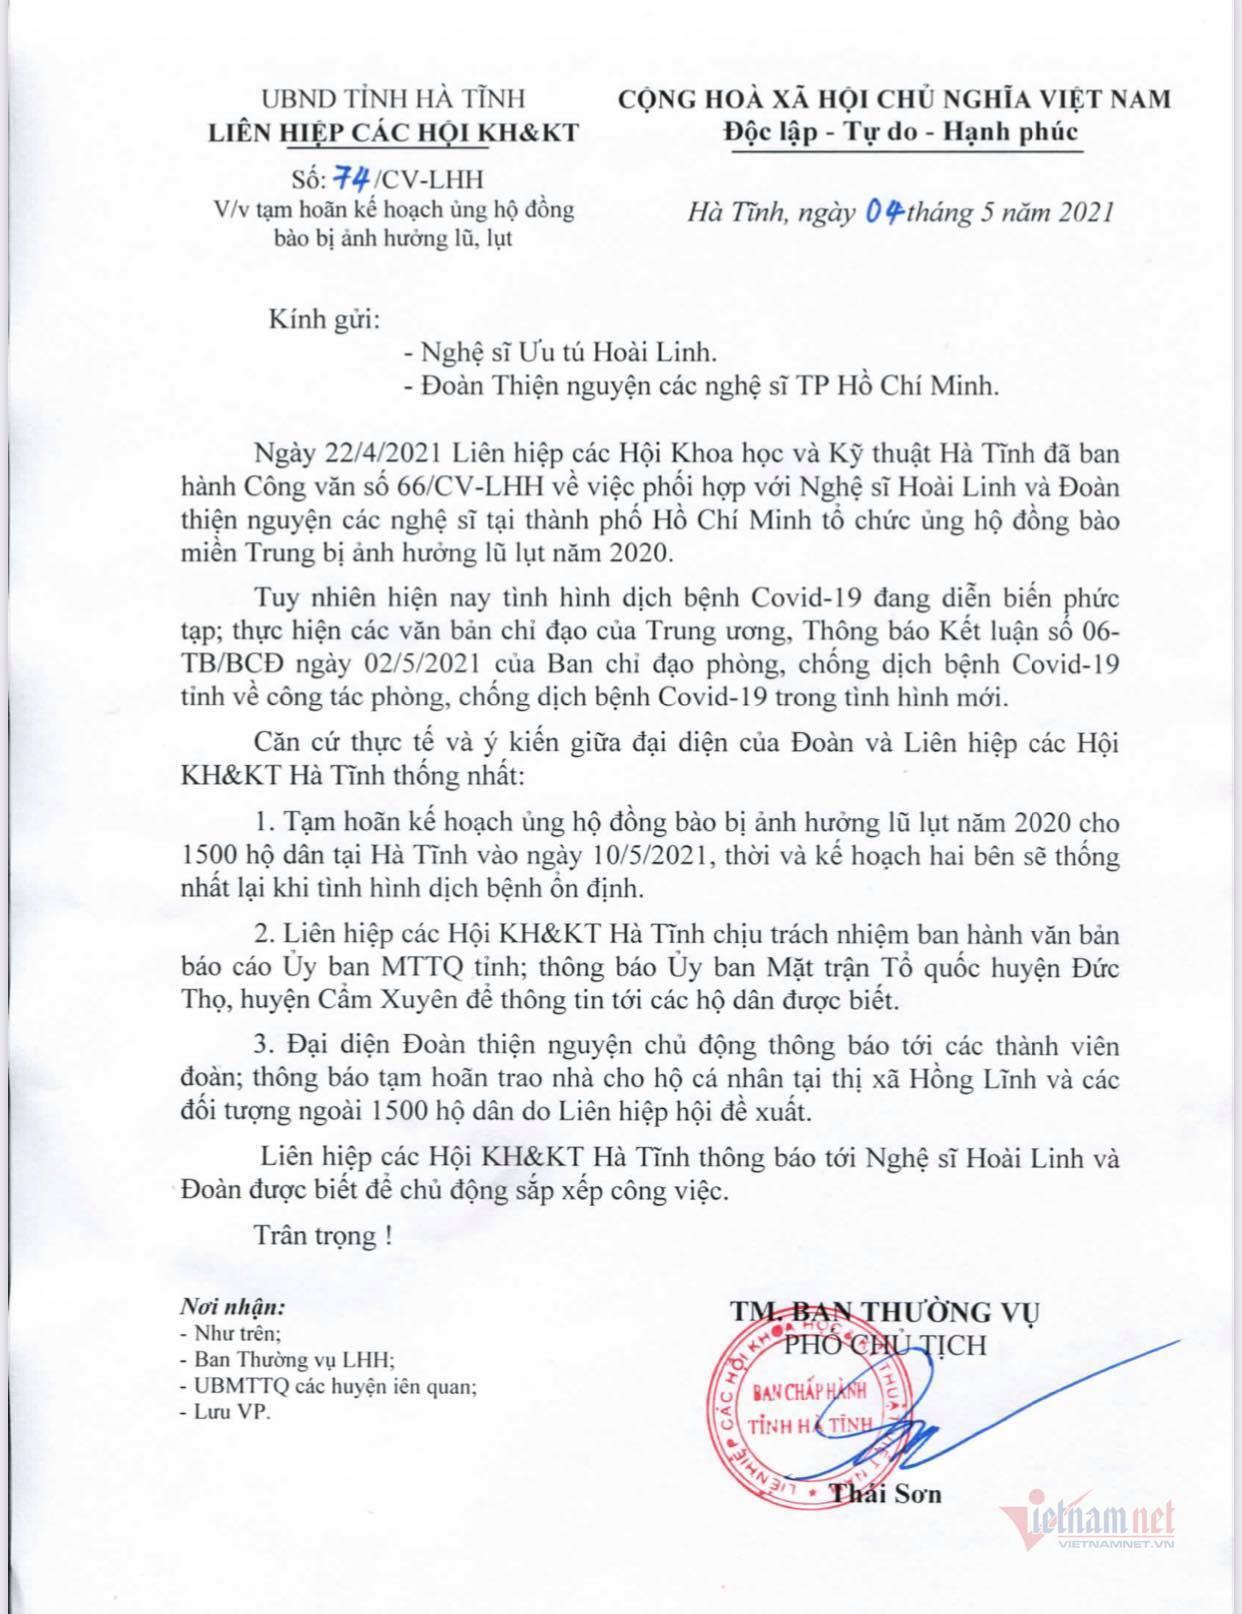 Hoài Linh dự kiến trao quà ở Hà Tĩnh nhưng hoãn do dịch